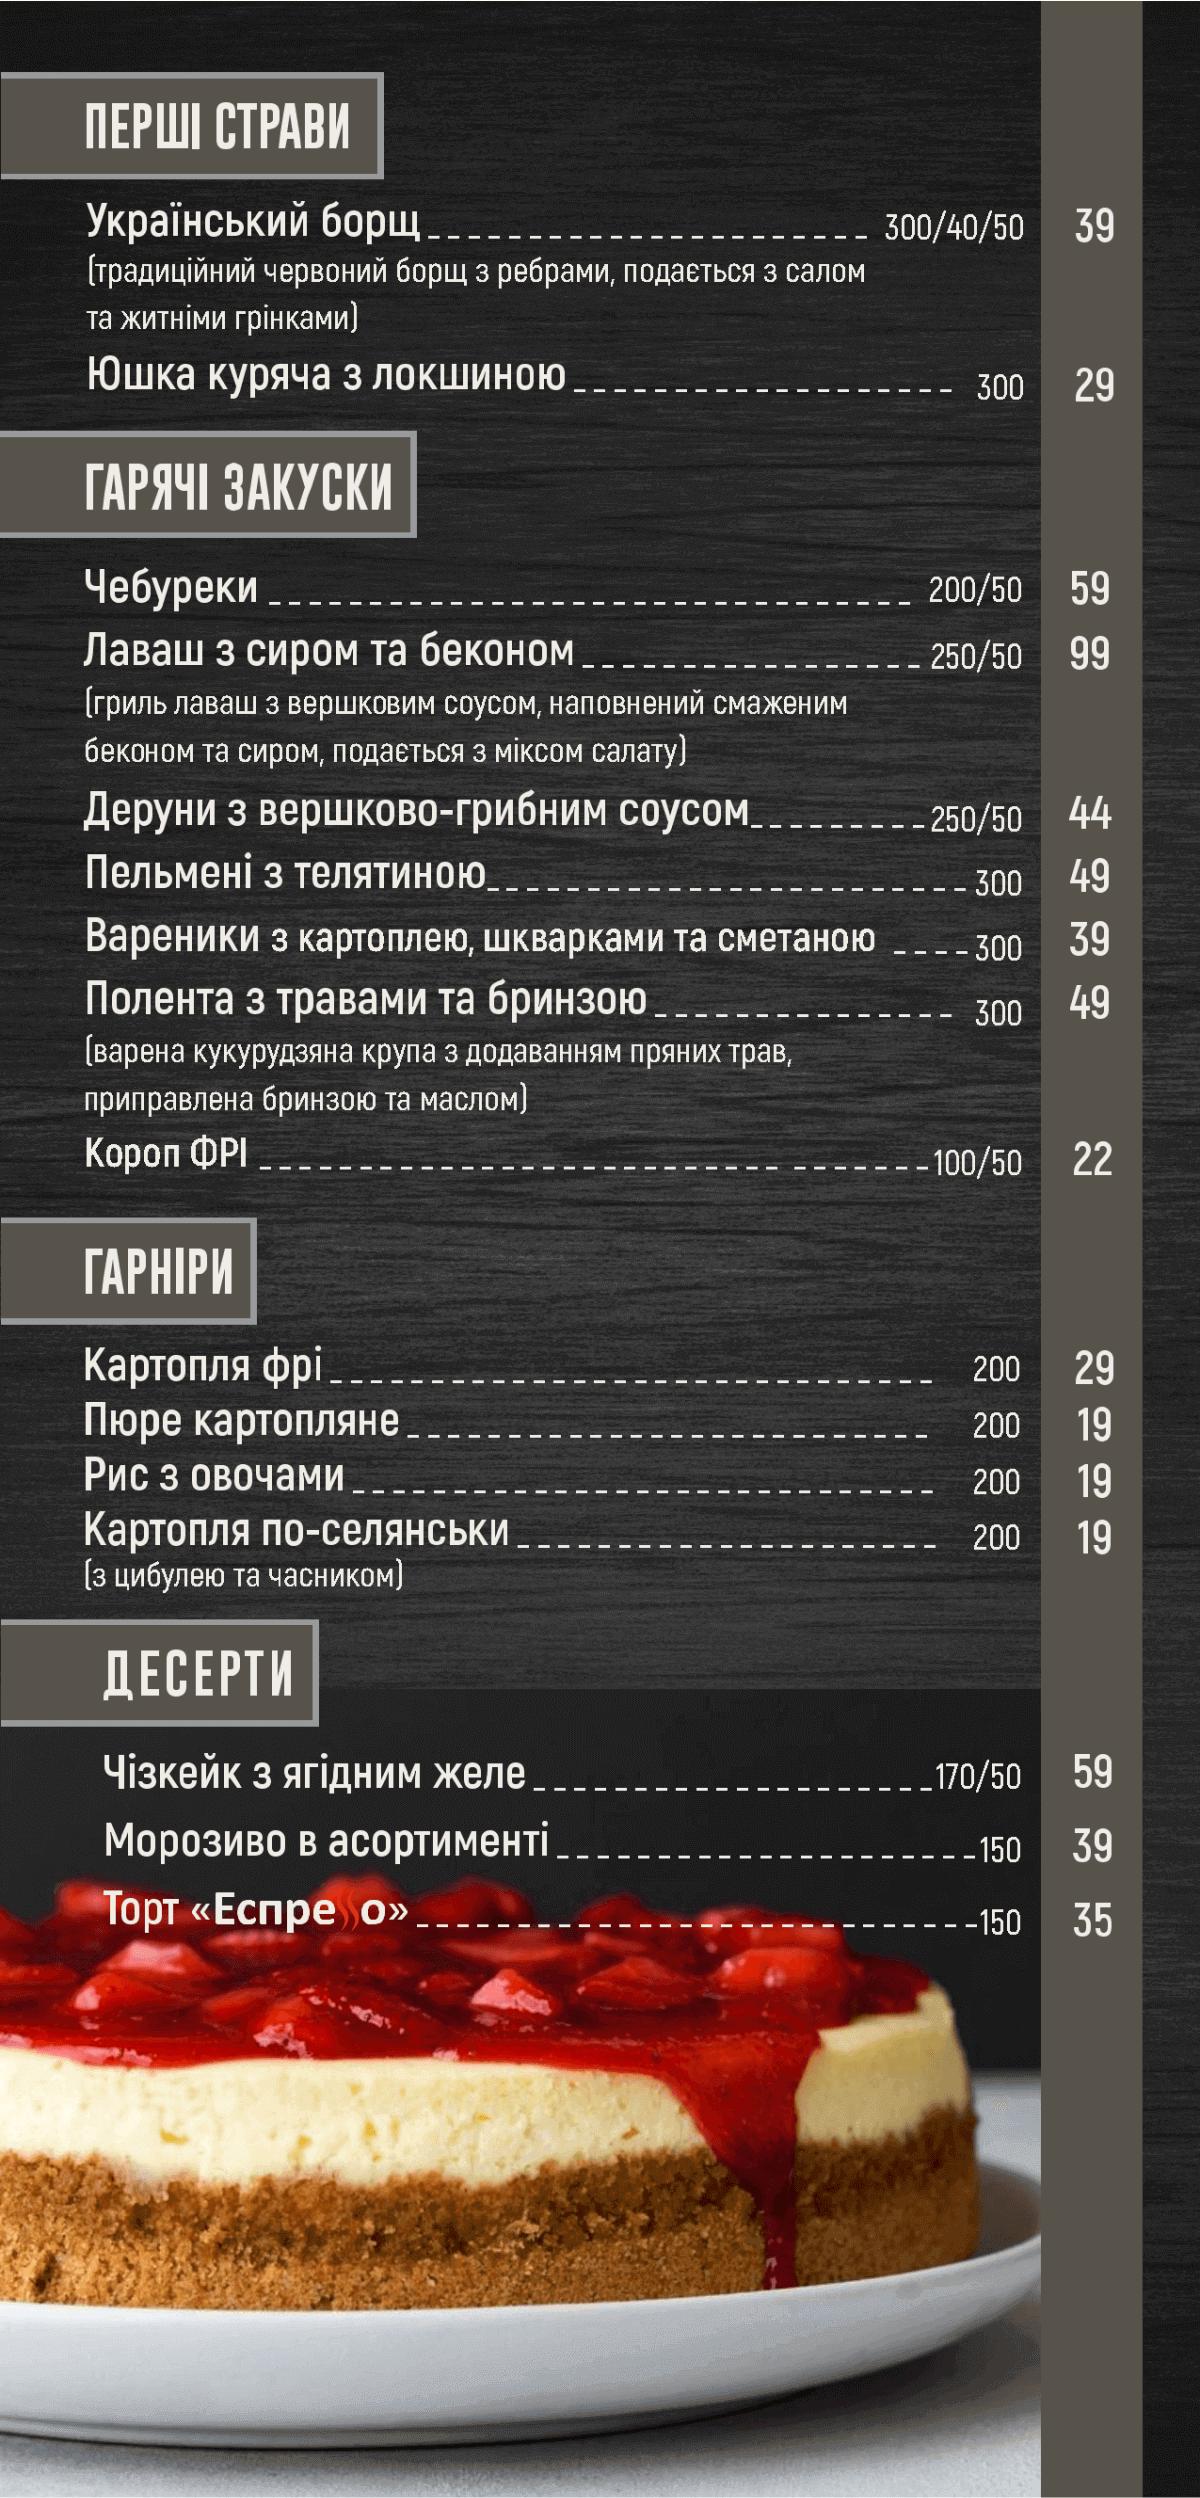 Меню • Перші страви, Гарячі закуски, Гарніри, Десерти – Лаунж-кафе «Еспрессо» - Івано-Франківськ